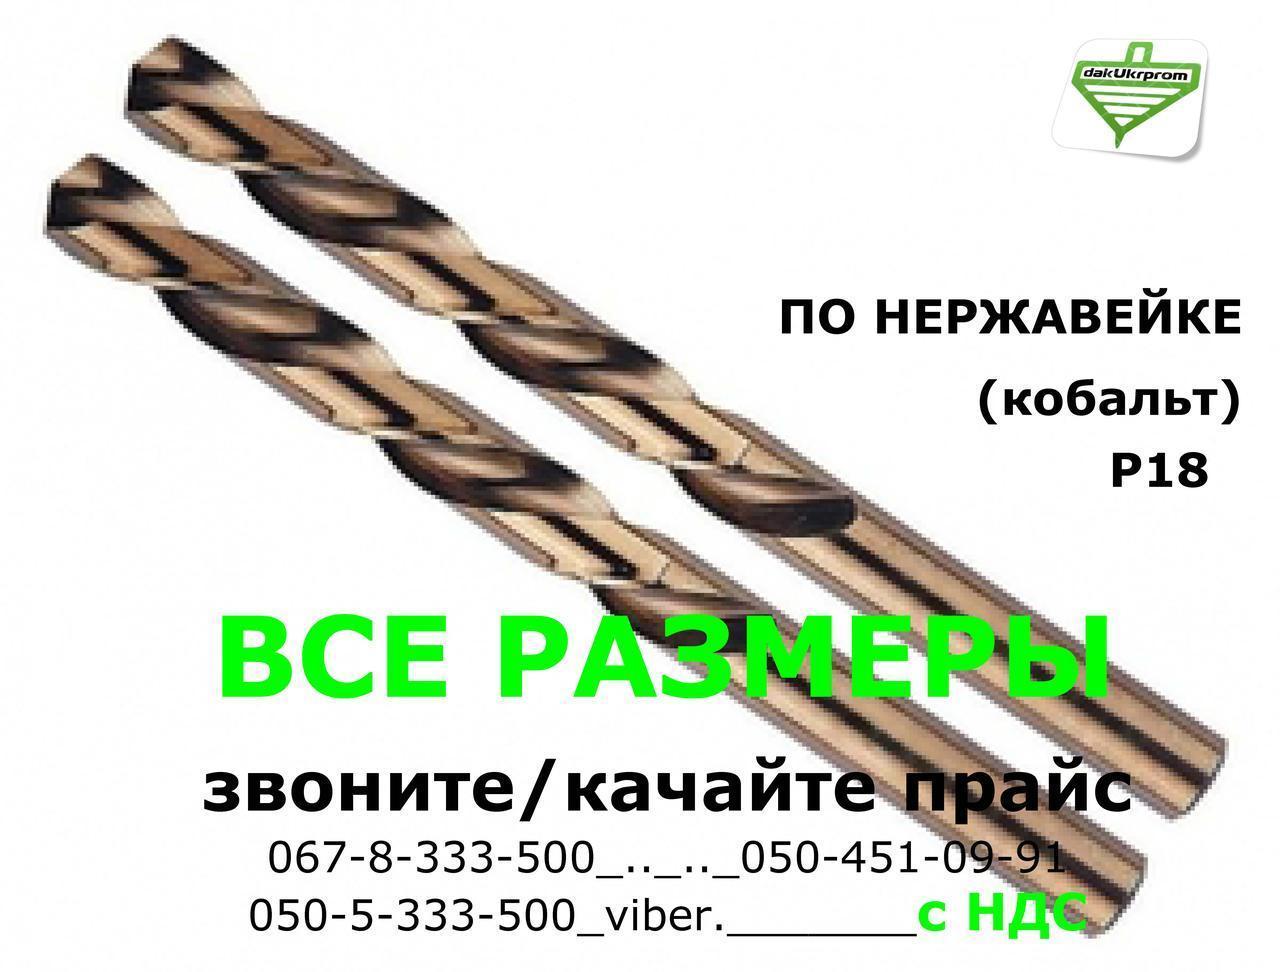 Сверло по нержавейке Р18 - 3,0 мм, (кобальт) промышленного назначения ГОСТ-10902 (DIN338 G-Co)